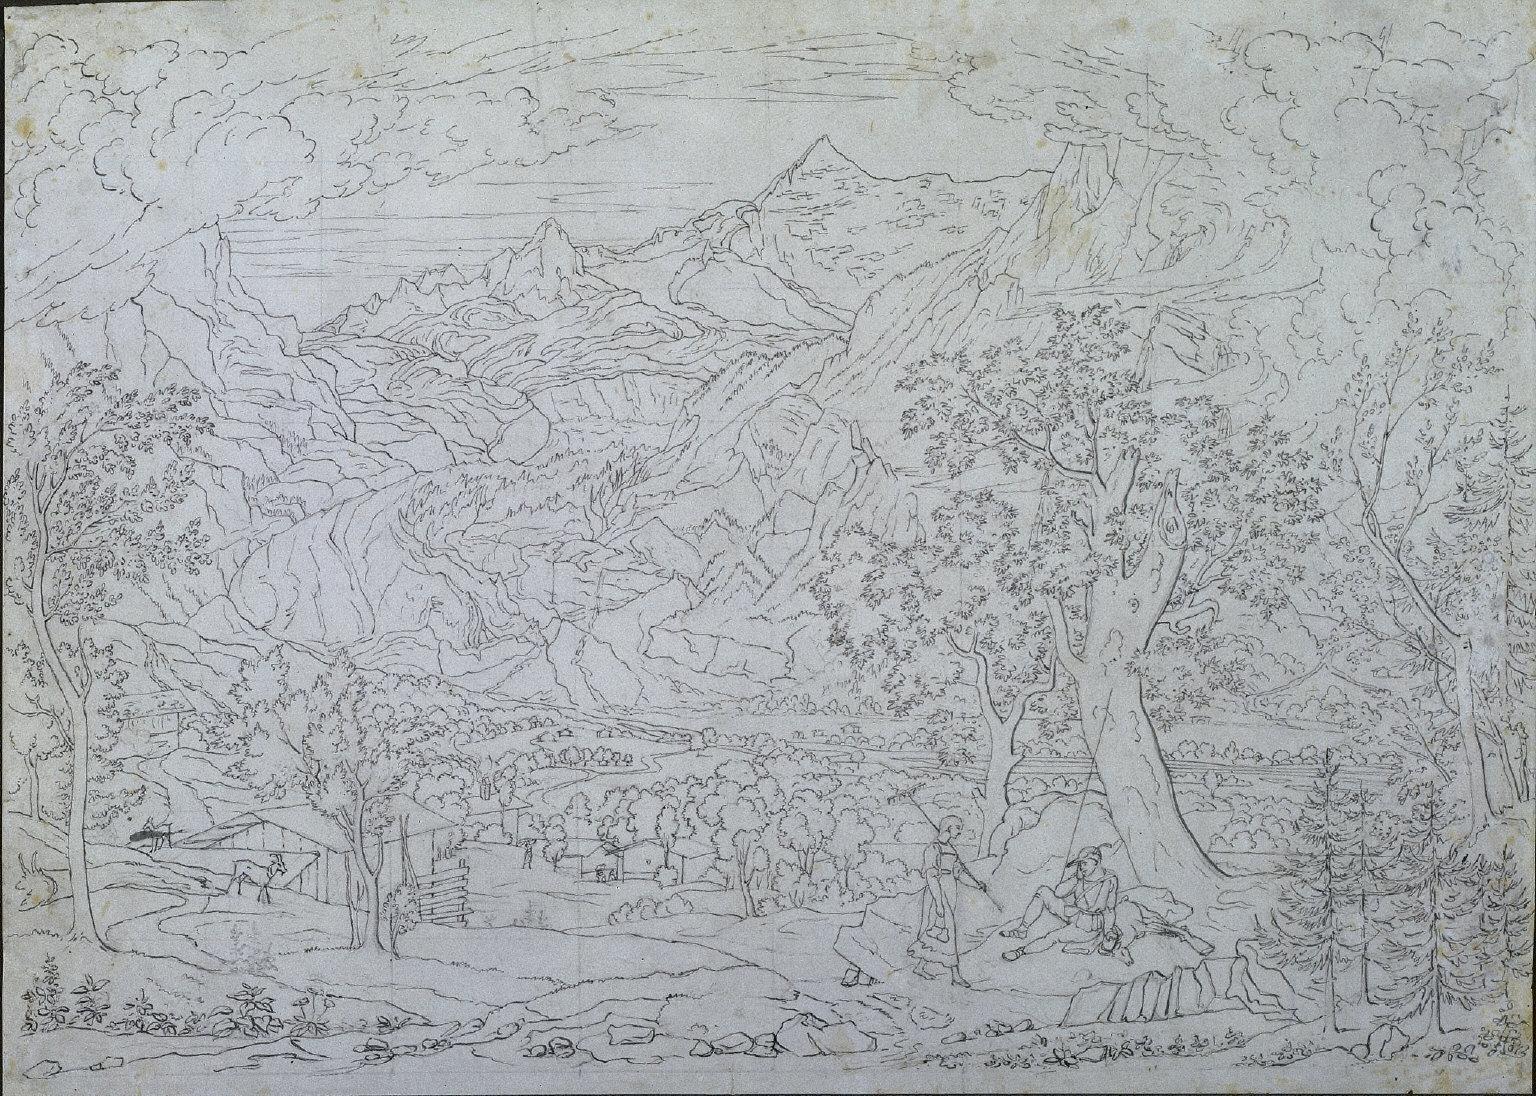 Der Grindelwald-Gletscher mit Figuren im Vordergrund